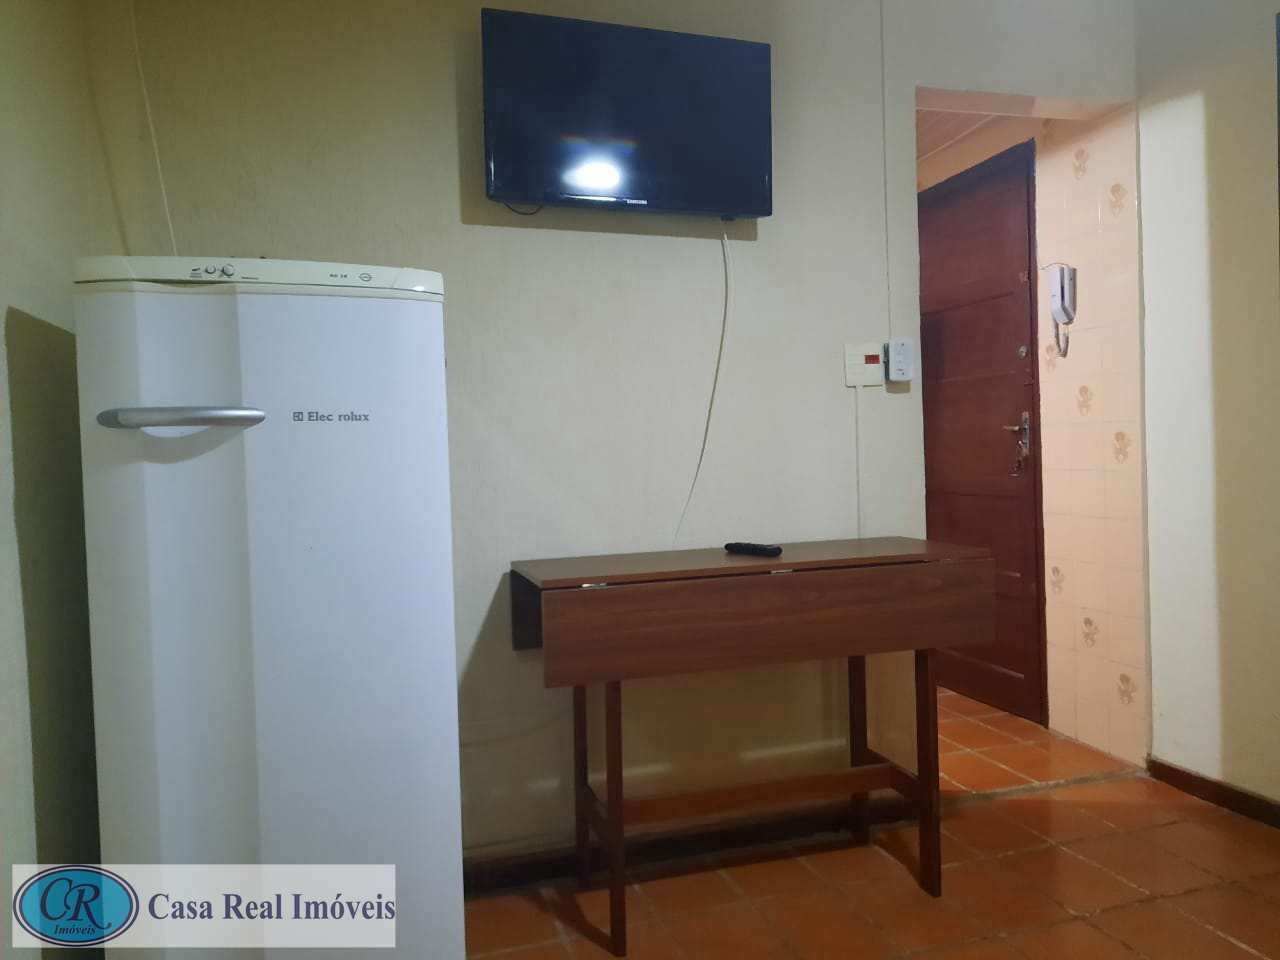 Kitnet com 1 dorm, Aviação, Praia Grande - R$ 120 mil, Cod: 723